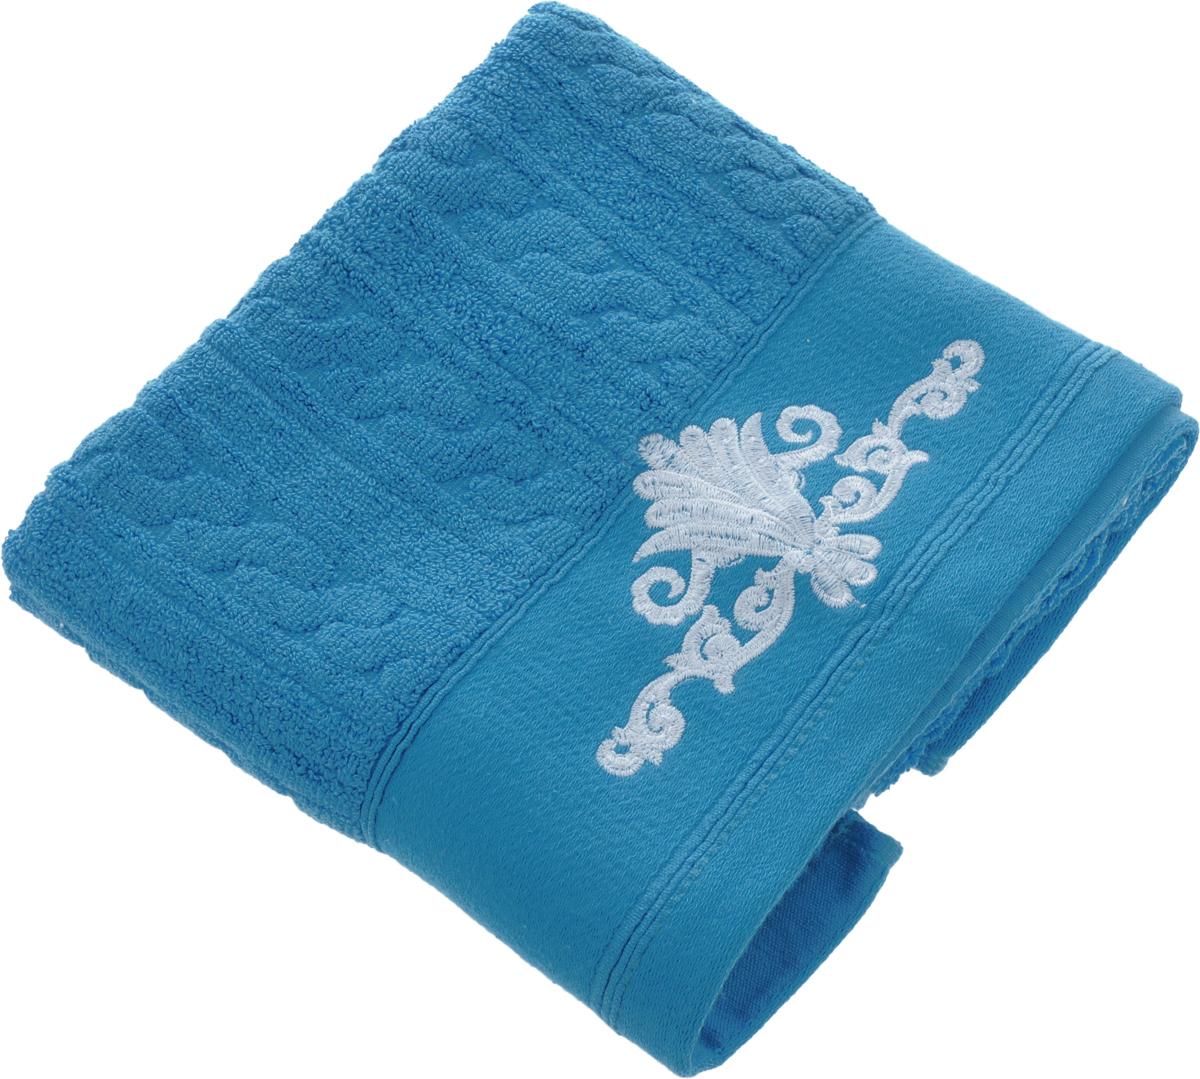 Полотенце Soavita Paolo, цвет: светло-синий, 50 х 90 см64058Махровое полотенце Soavita Paolo выполнено из 100% хлопка. Изделие отлично впитывает влагу, быстро сохнет, сохраняет яркость цвета и не теряет форму даже после многократных стирок. Полотенце очень практично и неприхотливо в уходе. Оно создаст прекрасное настроение и украсит интерьер в ванной комнате. Рекомендуется стирка при температуре 40°C.